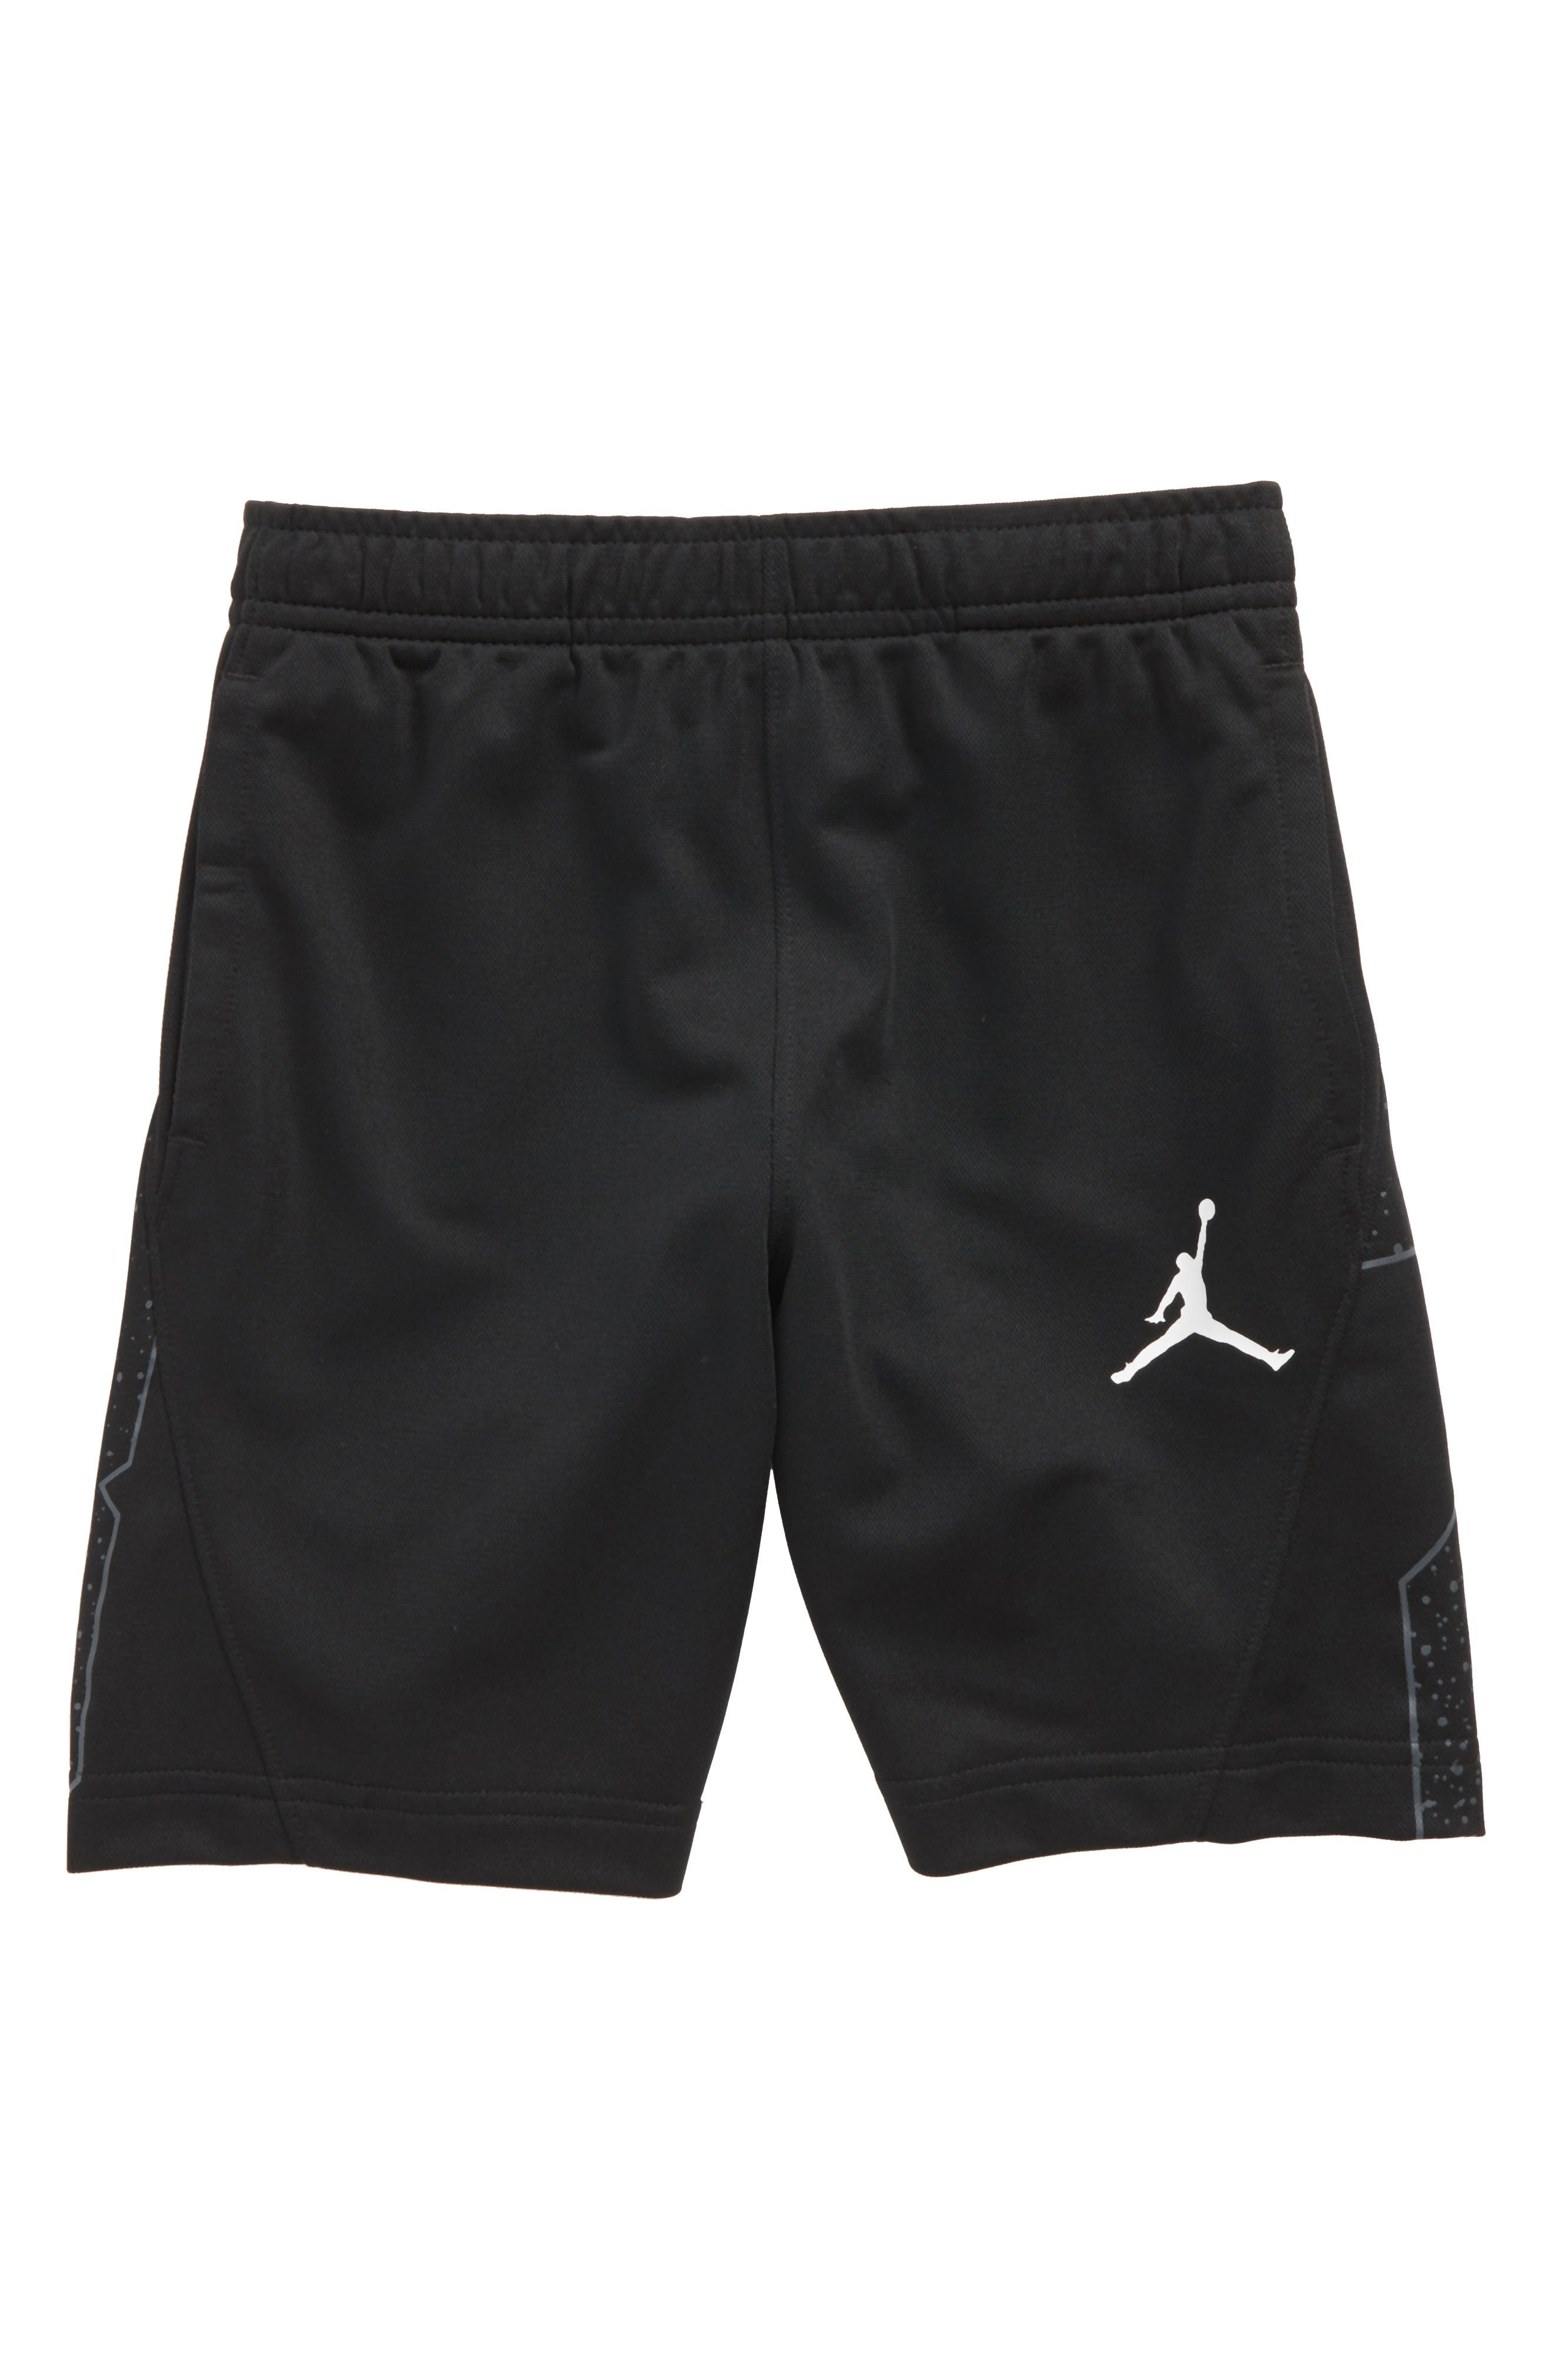 Alternate Image 1 Selected - Jordan Dry Speckle 23 Training Shorts (Toddler Boys & Little Boys)